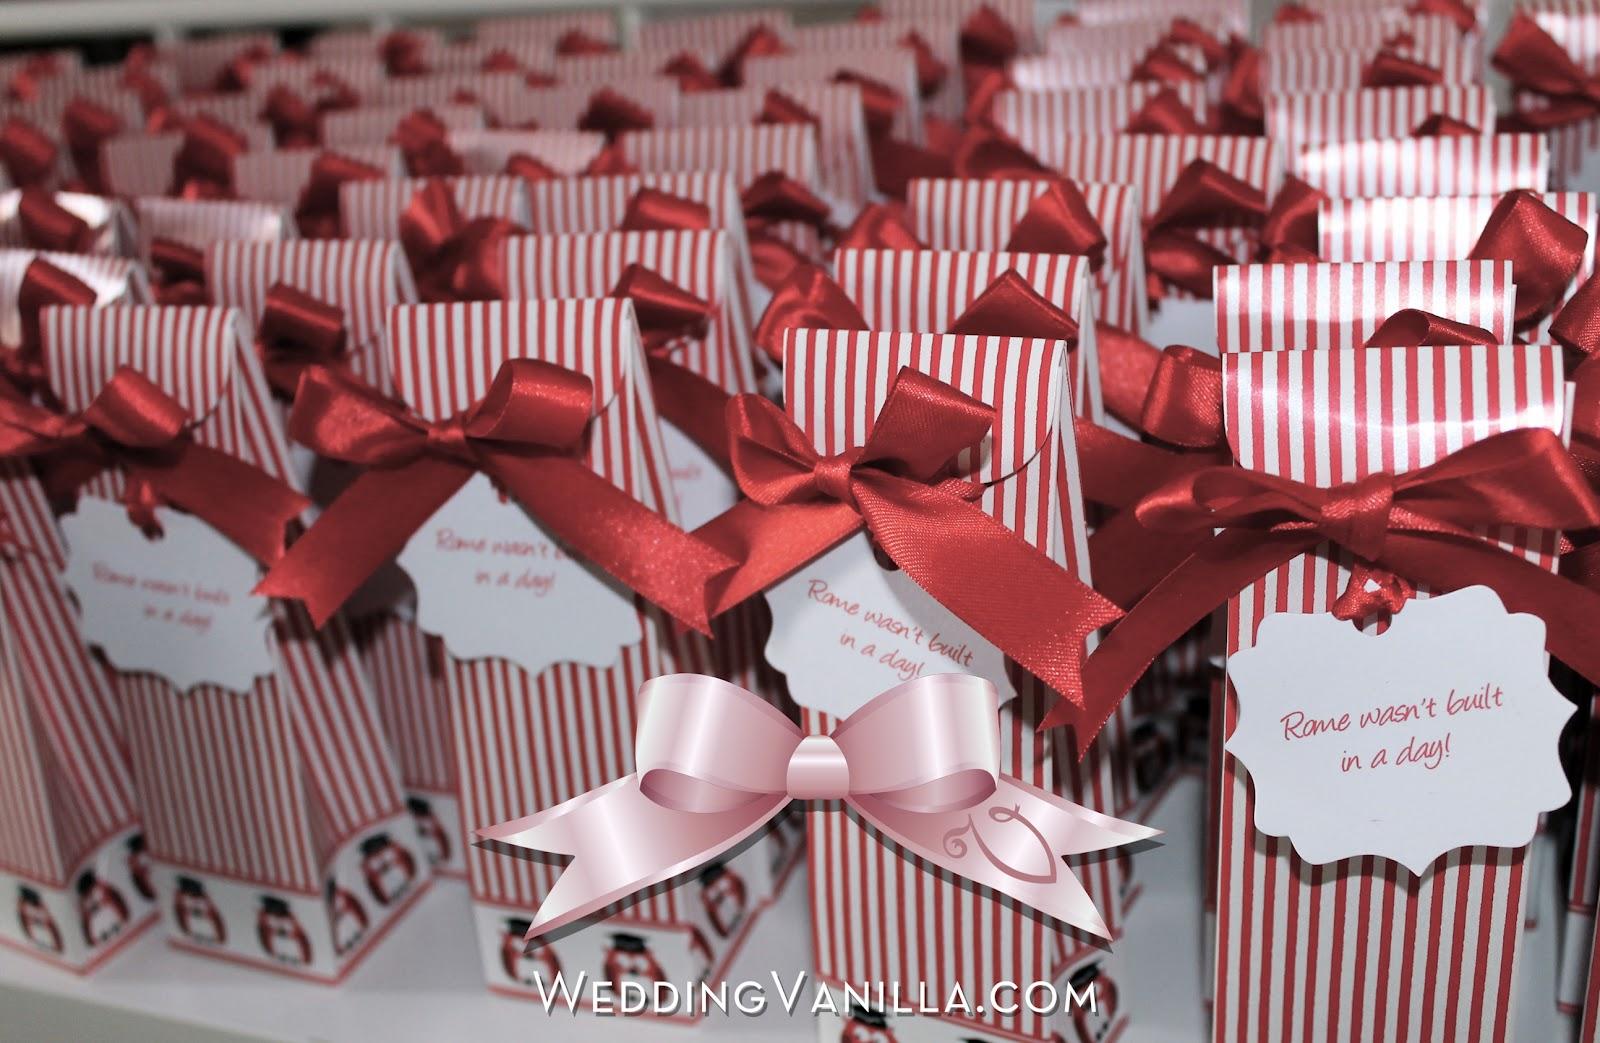 Preferenza Vanilla Wedding Design: Le nostre idee per la tua festa di laurea NH89